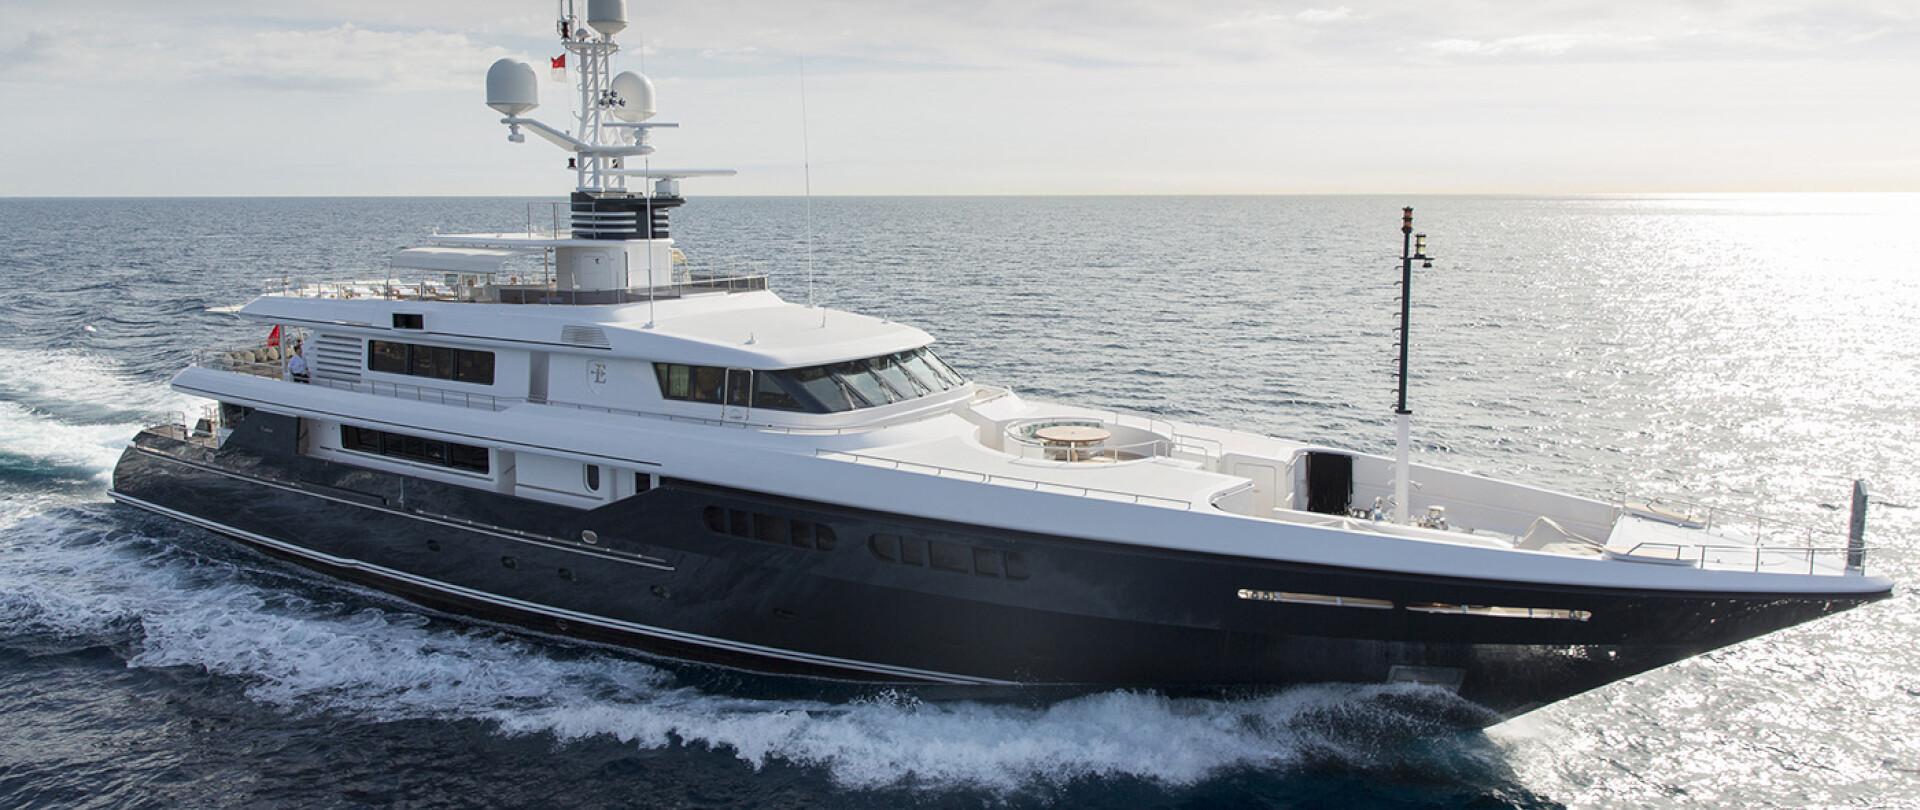 Emerald joins the Edmiston charter fleet photo 1